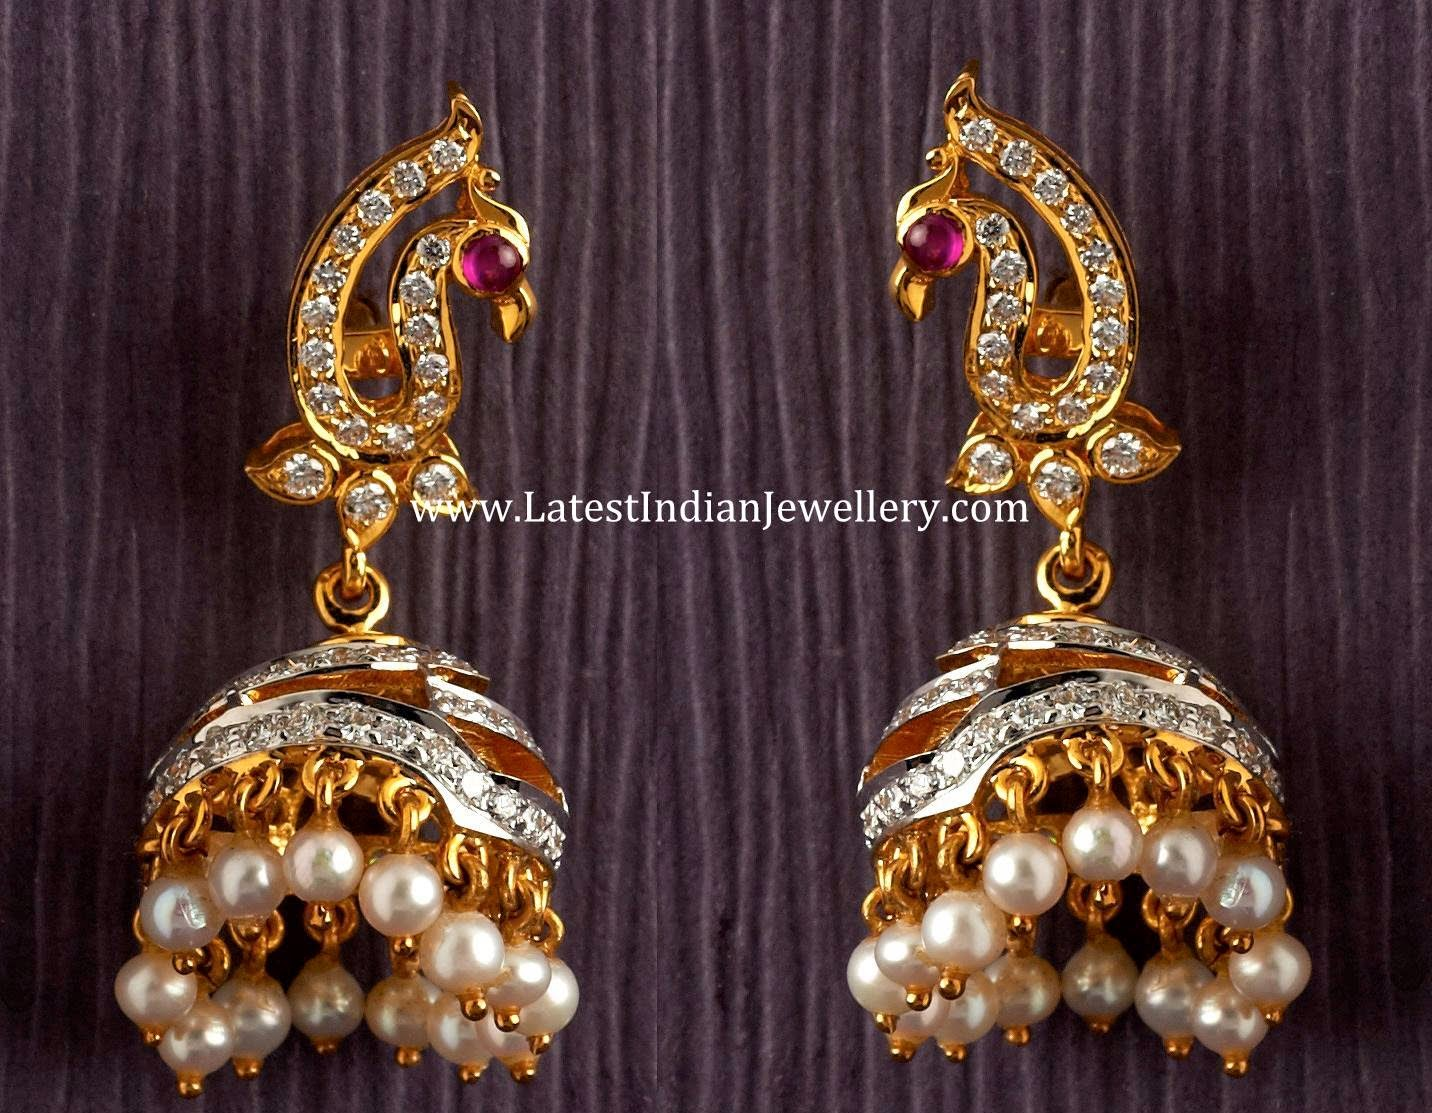 Spectacular Peacock Design Diamond Jhumkas